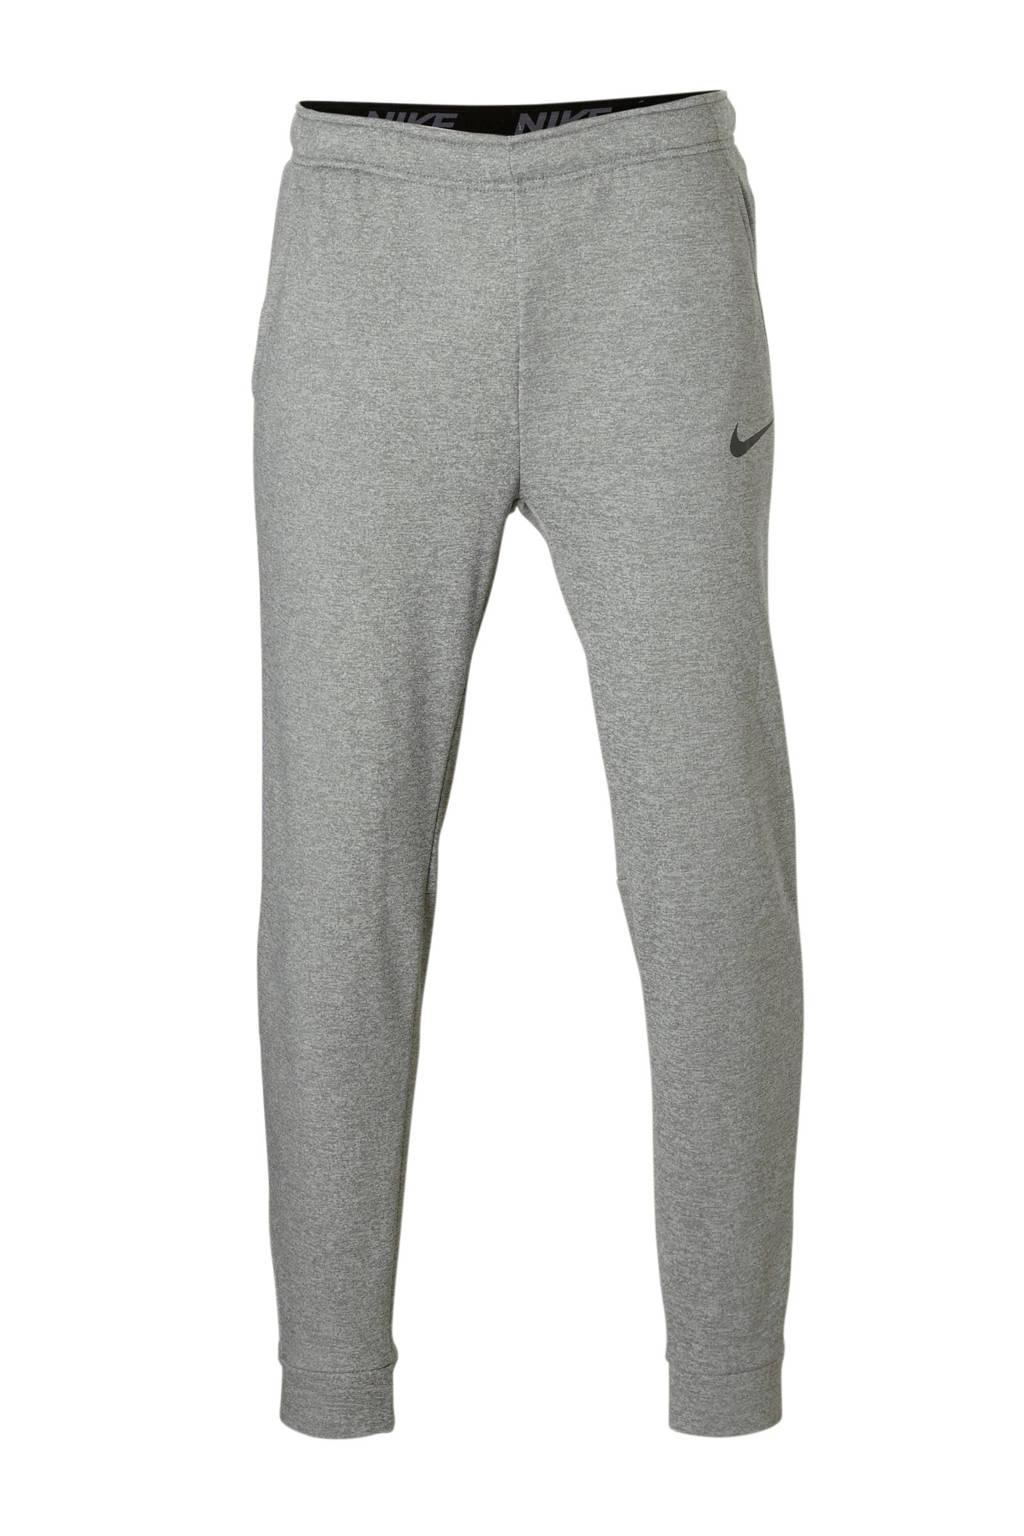 Nike   sportbroek grijs melange, Grijs melange